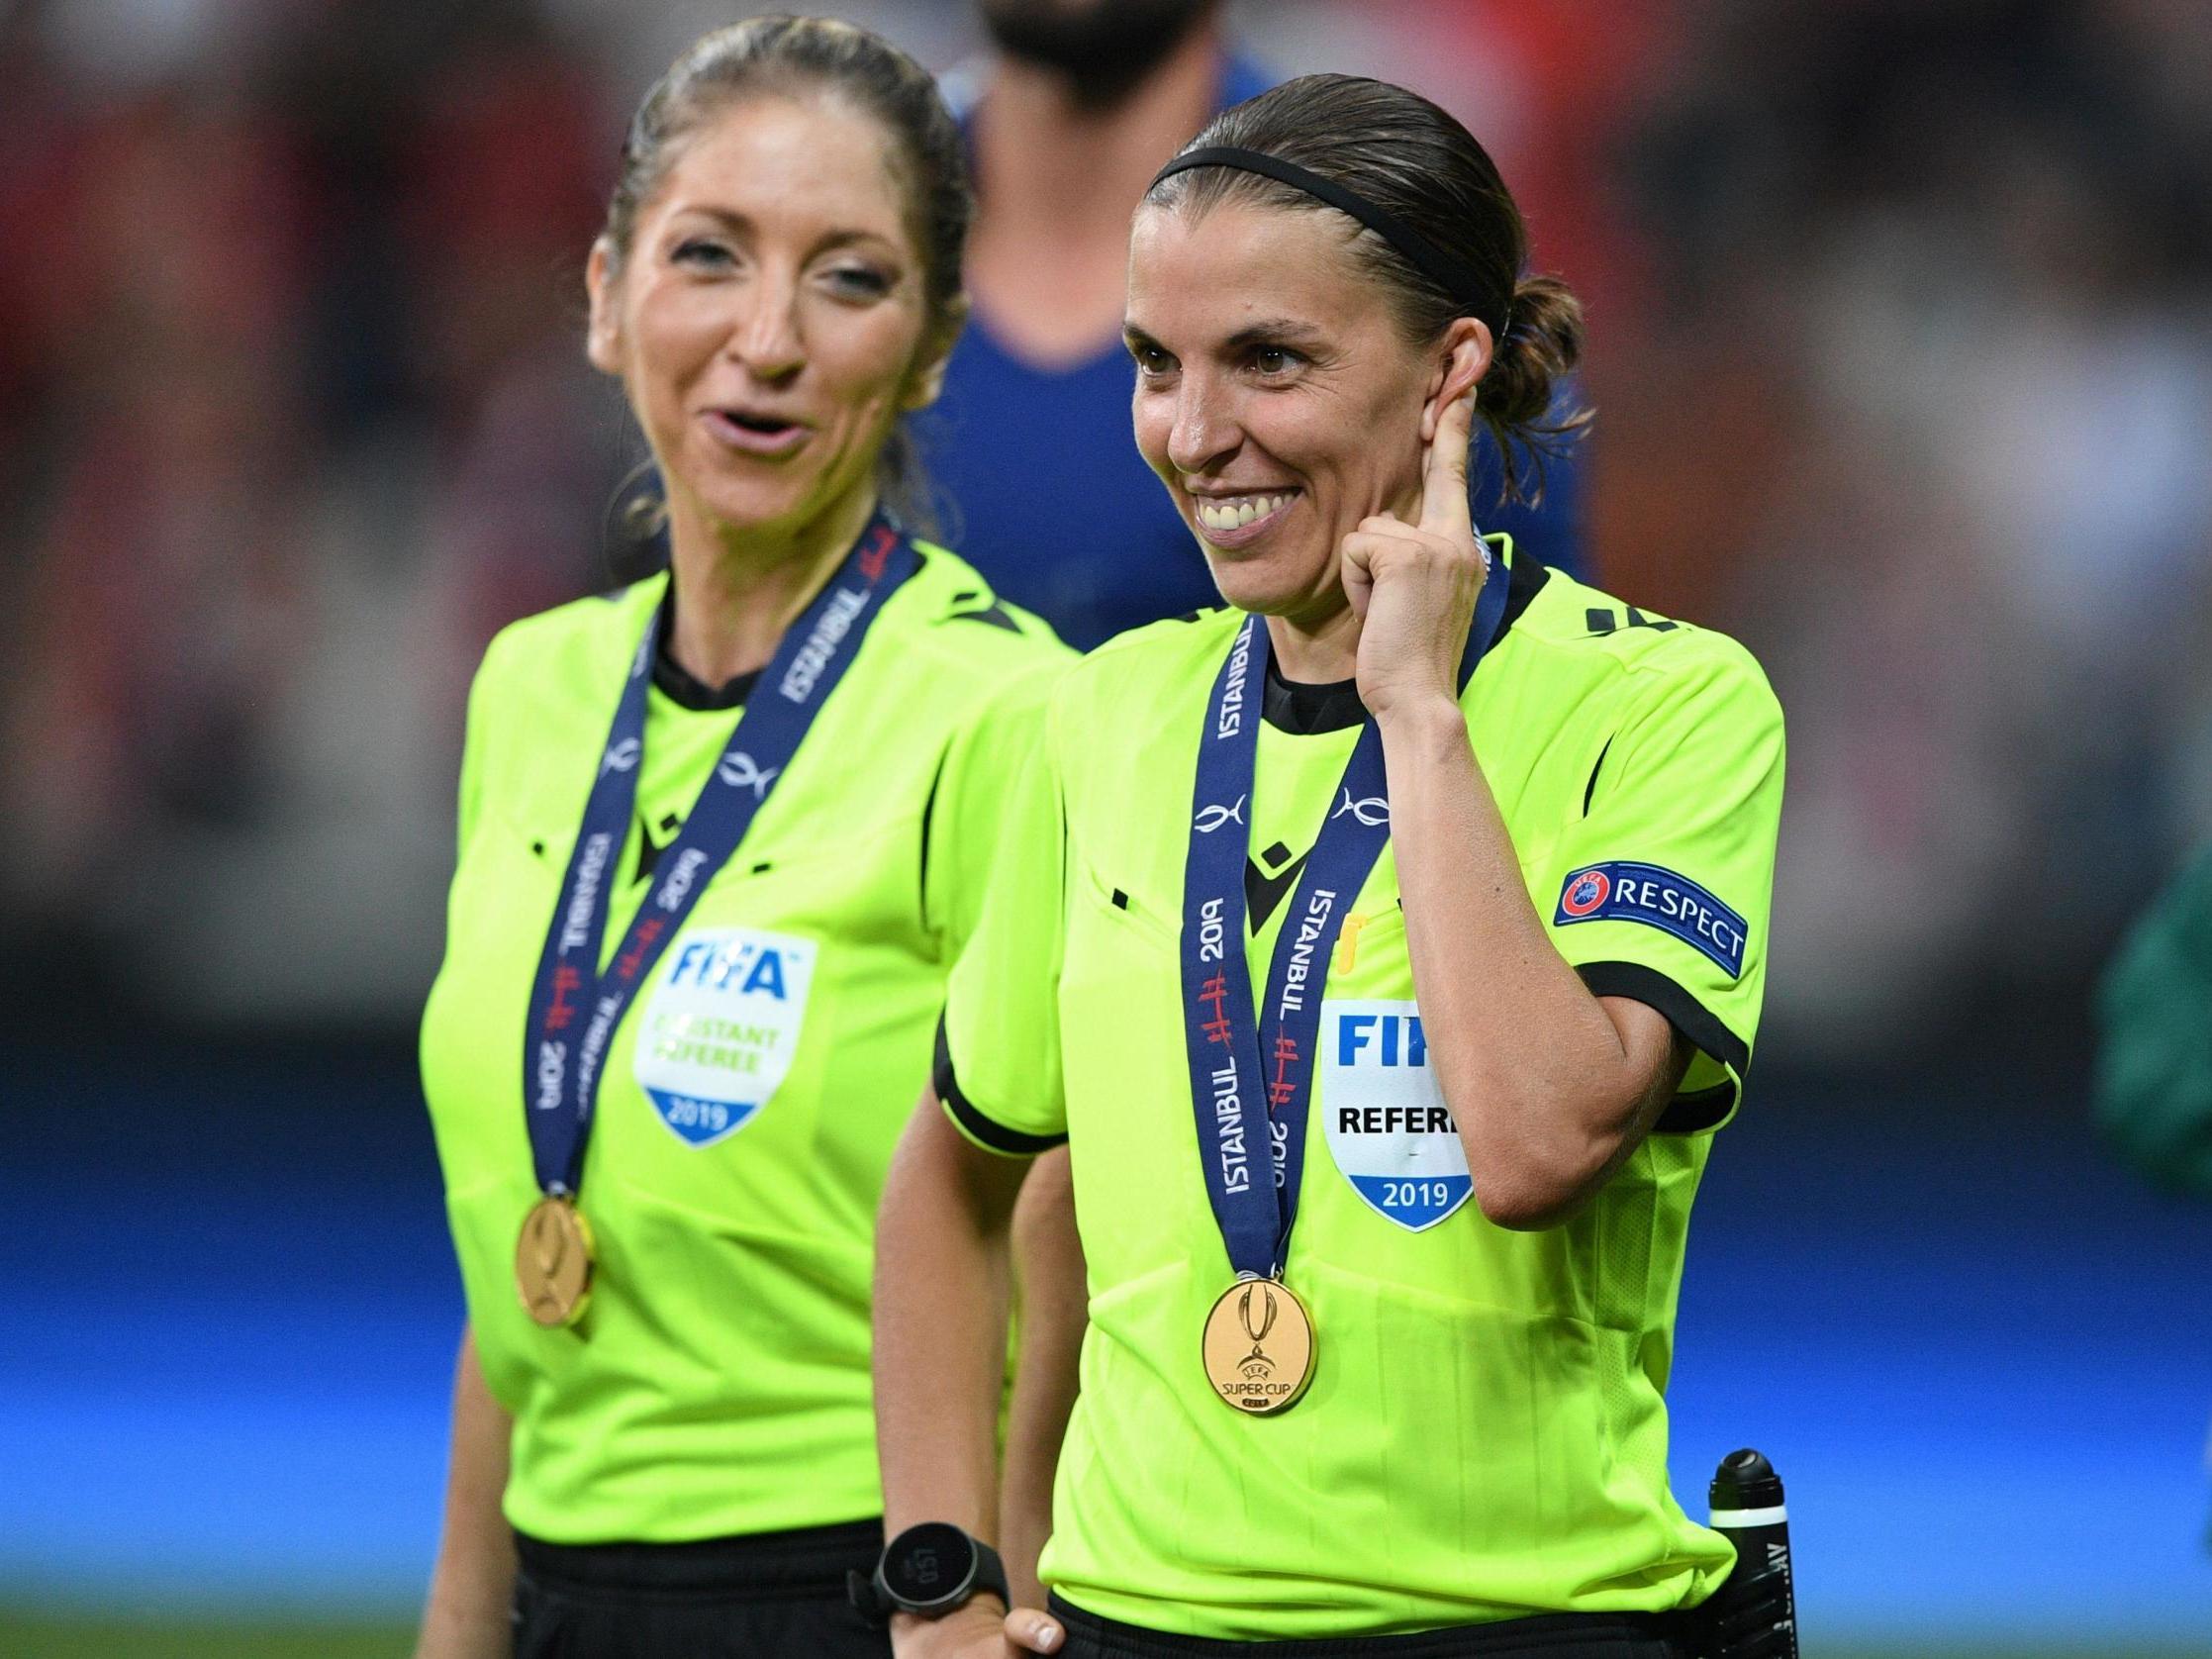 استفانی فراپارت ( Stephanie Frappart ) چهارشنبه شب گذشته تاریخ ساز شد زیرا او اولین داور زنی خواهد بود که یک دیدار لیگ قهرمانان اروپا در دسته مردان را داوری می کند.